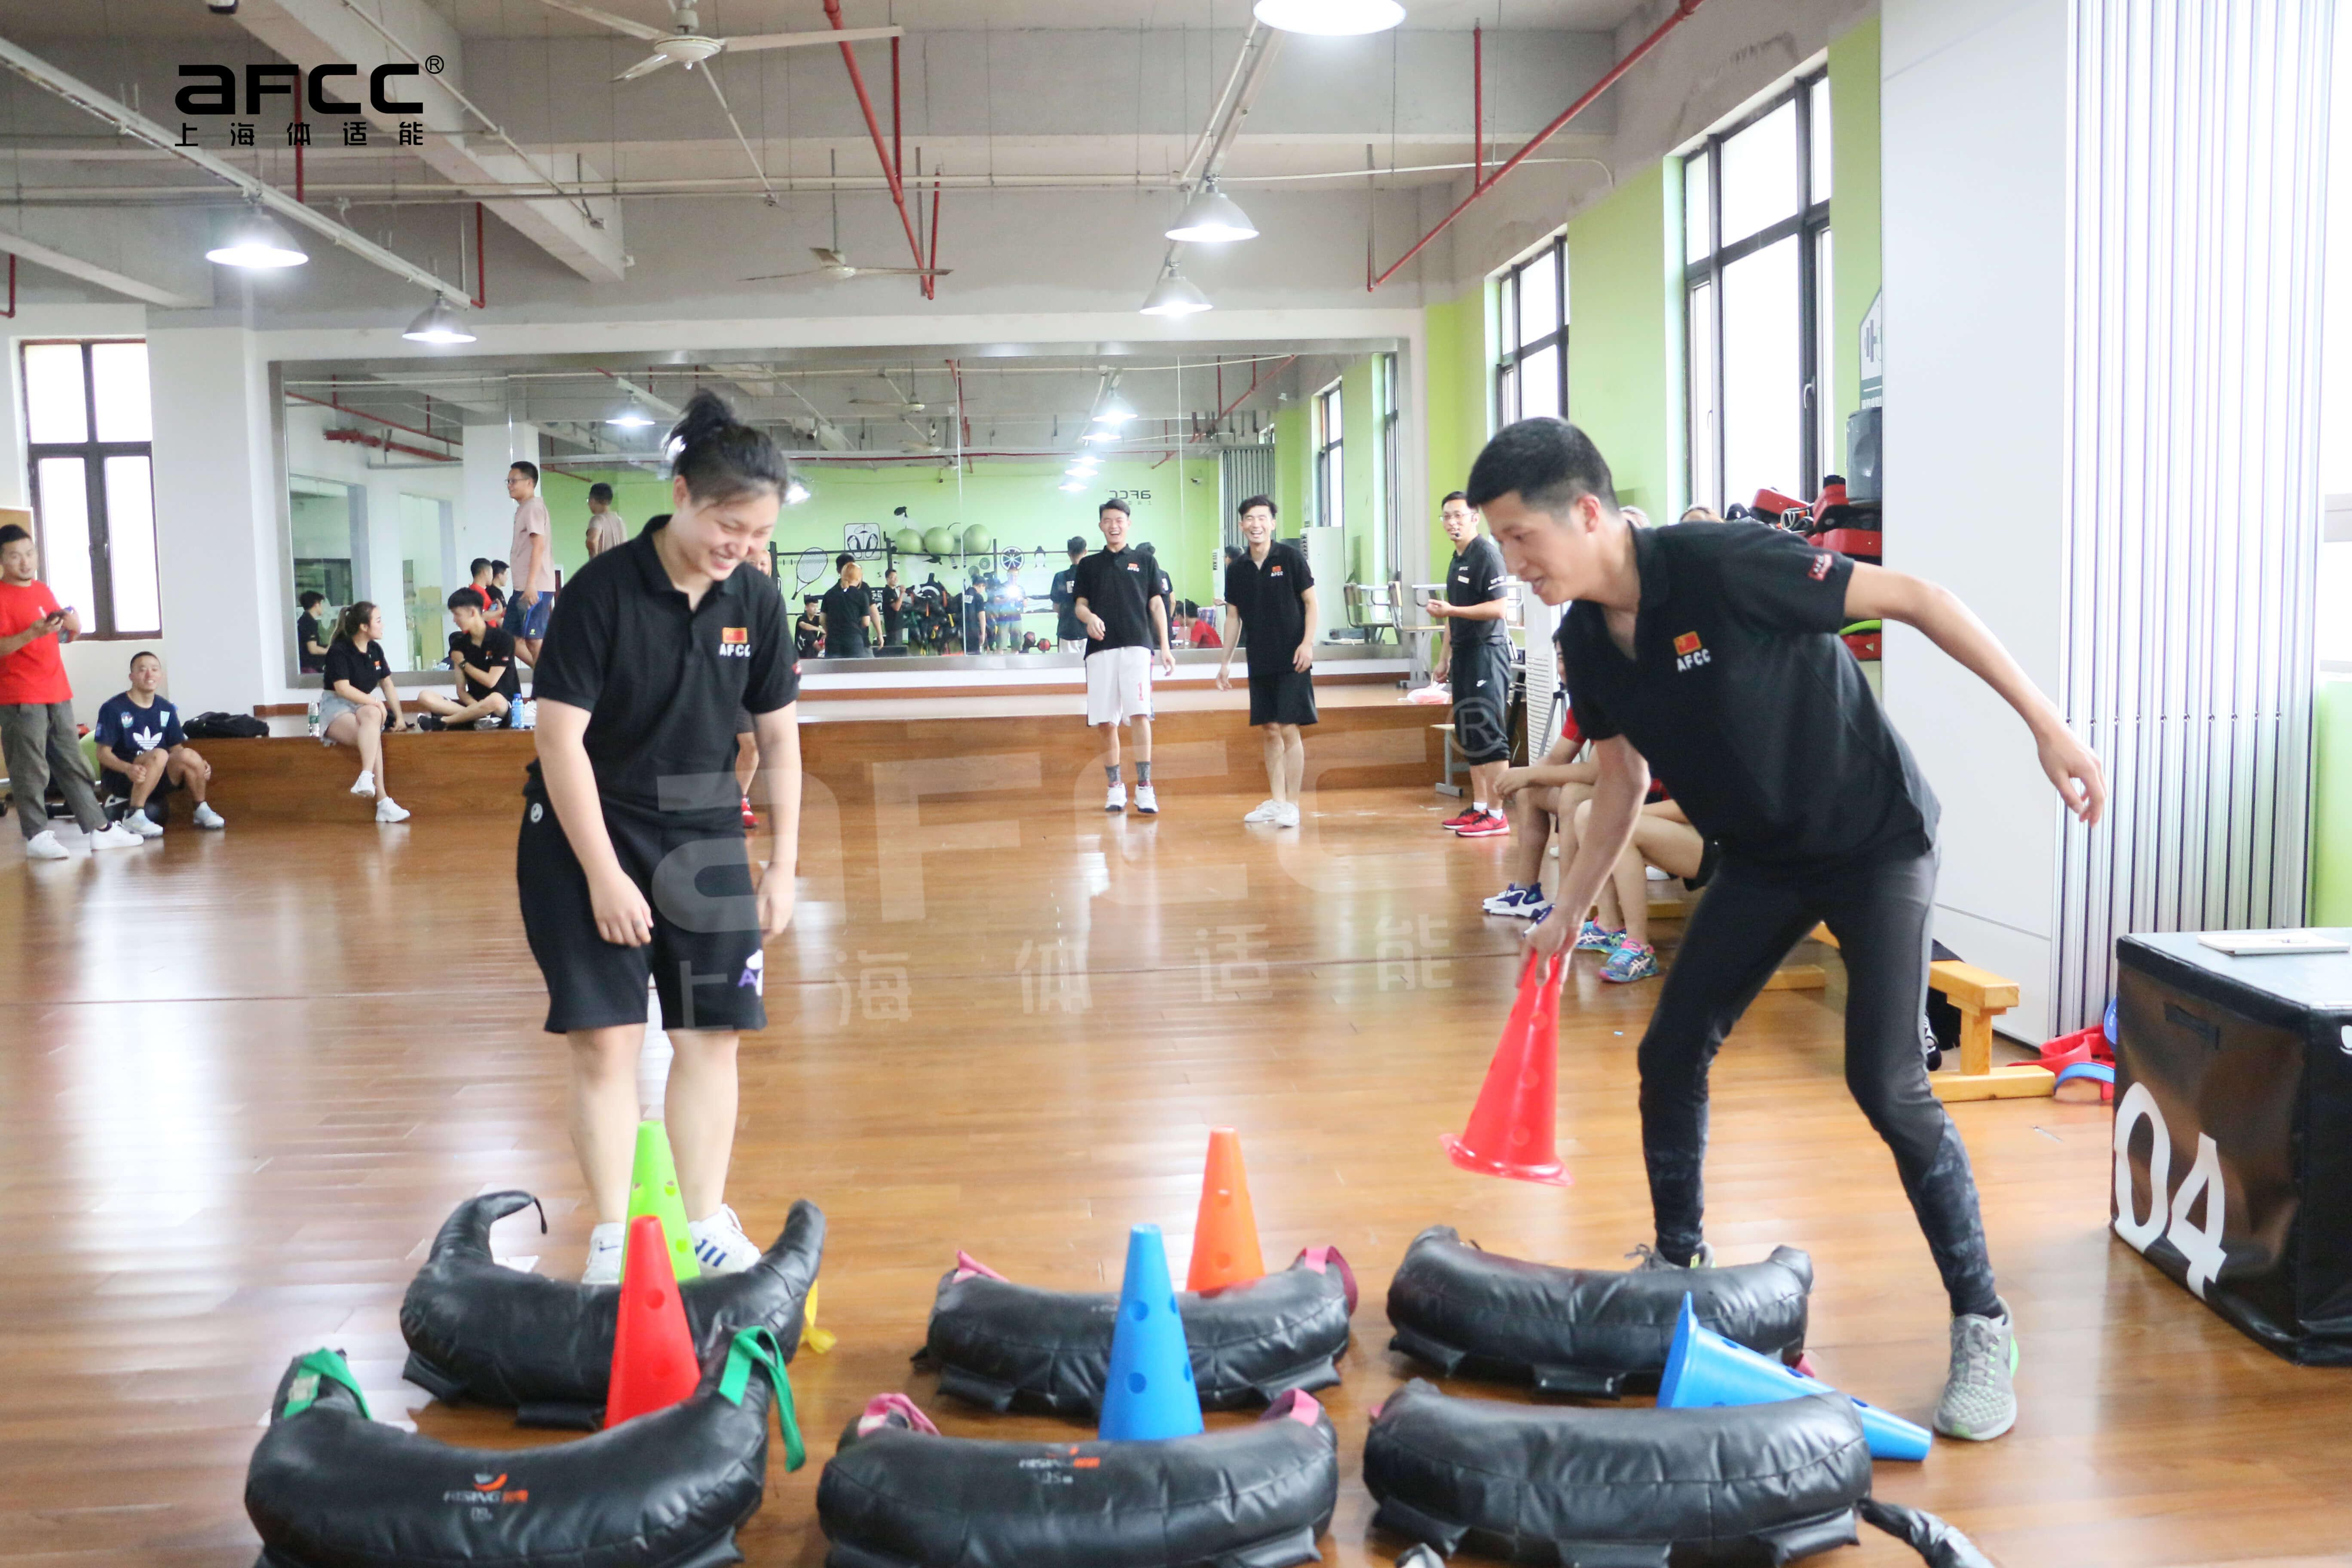 上海体适能少儿体适能教练培训课程就是非常值得大家学习的